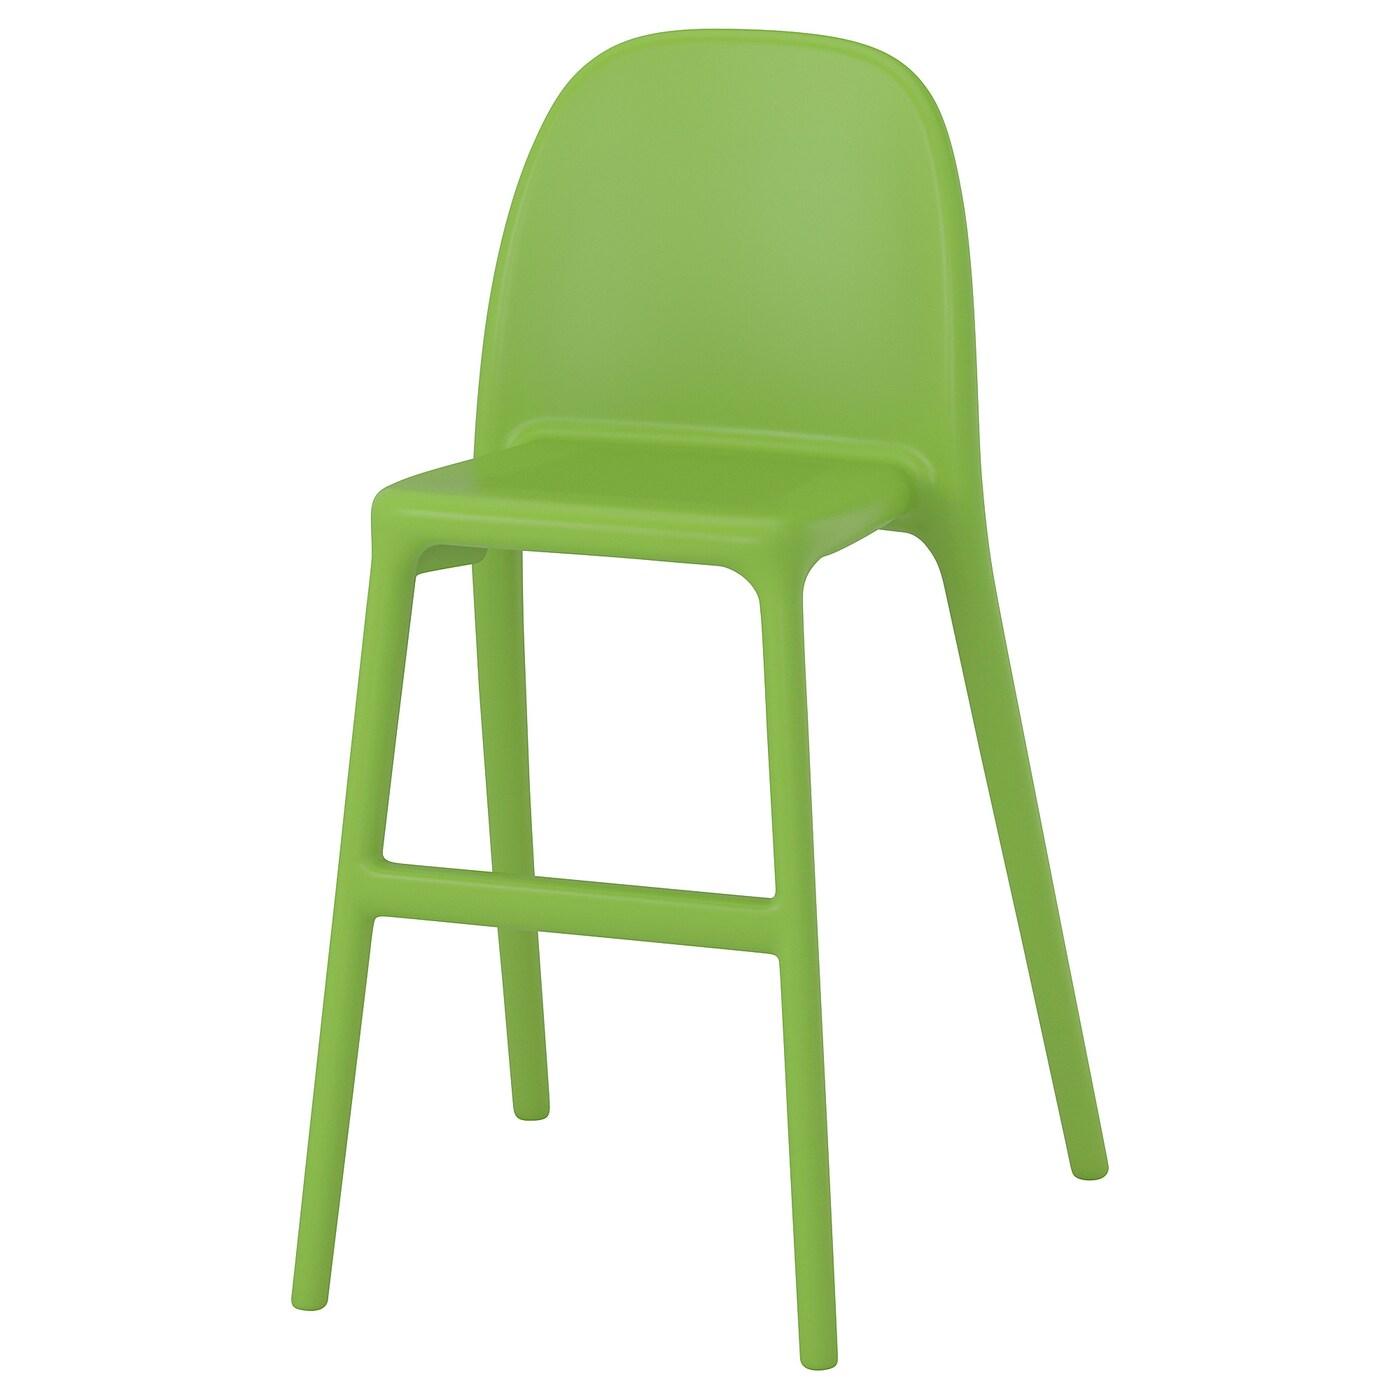 IKEA URBAN Krzesło dziecięce, zielony